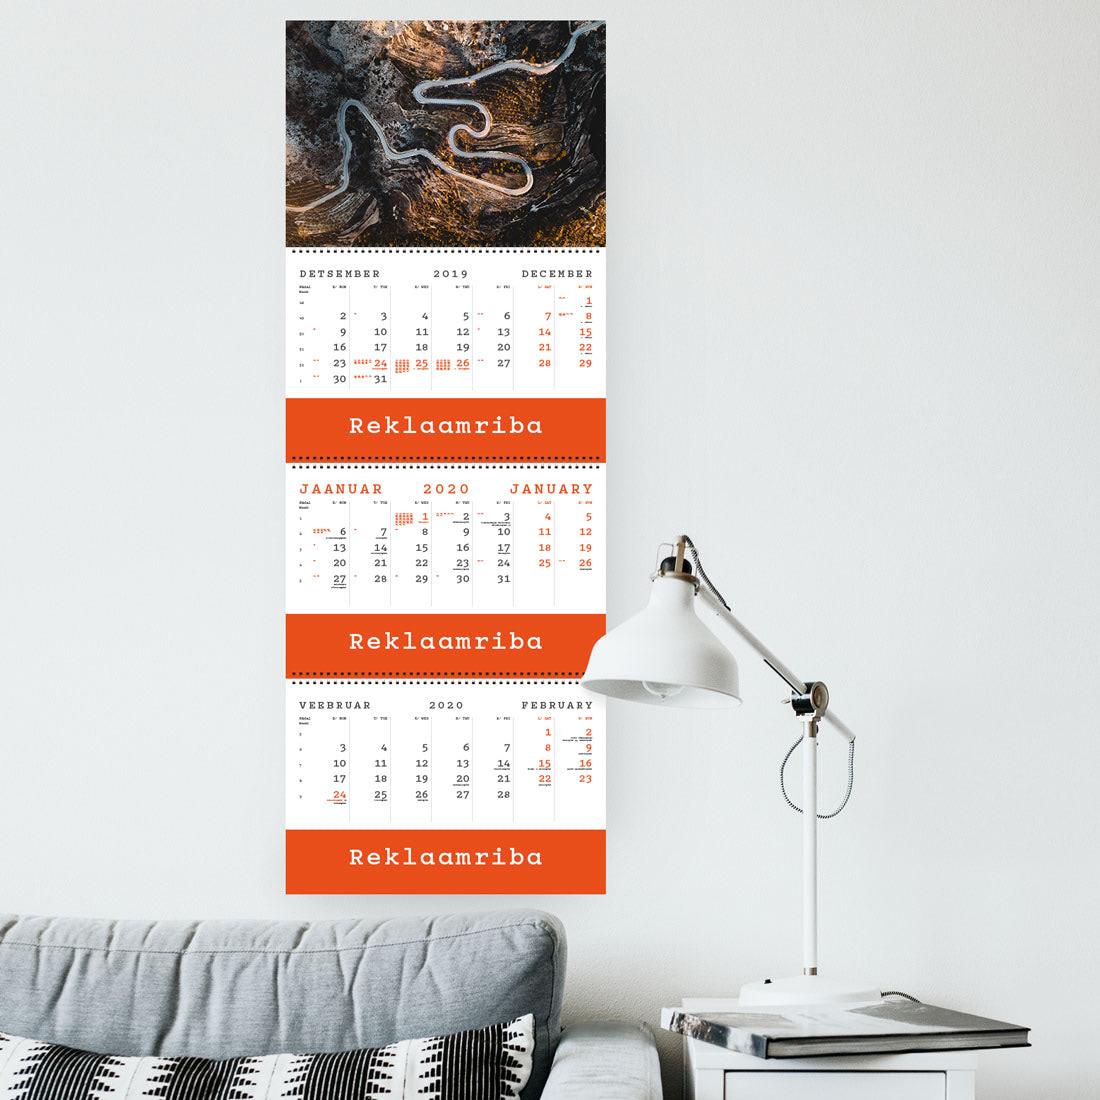 Kalender TRIO EXTRA kolme reklaamribaga